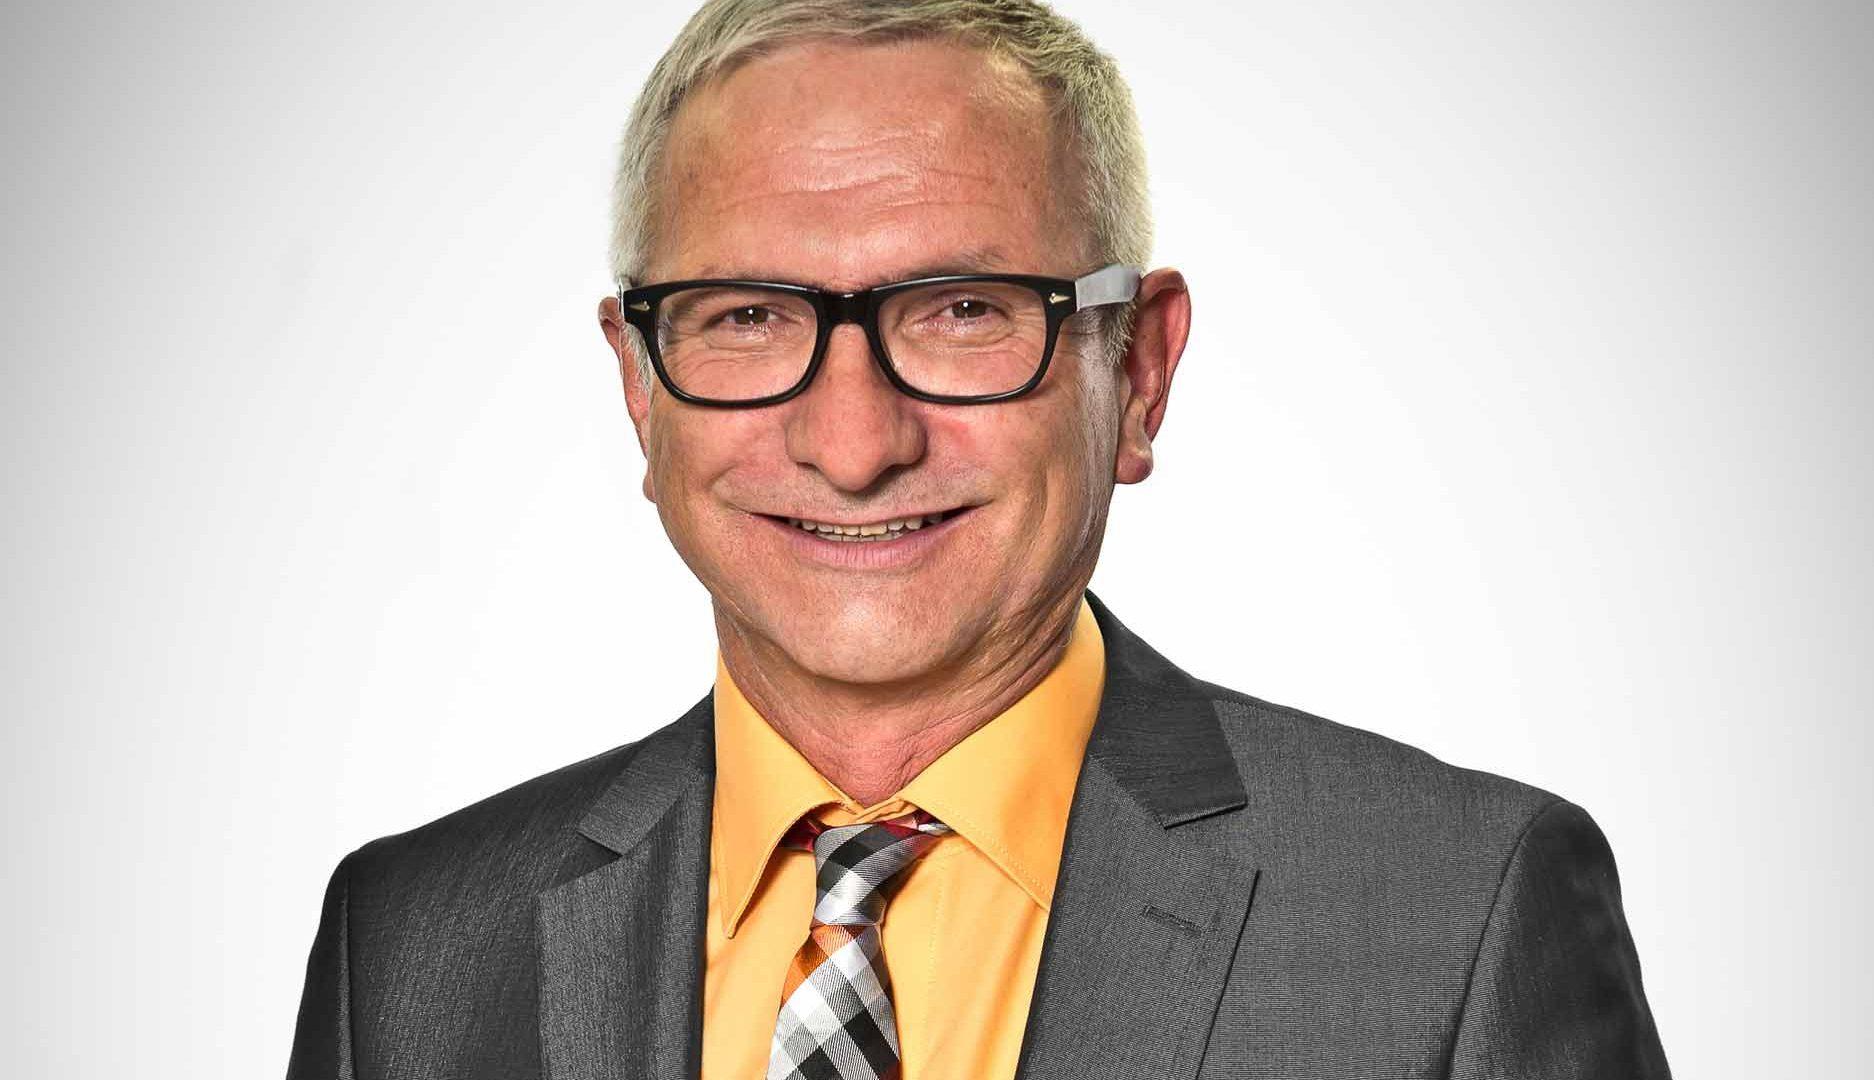 Nach 20 Jahren im Amt hat Alfred Buchberger viel für seine Gemeinde geleistet. (Bild: ZVG)